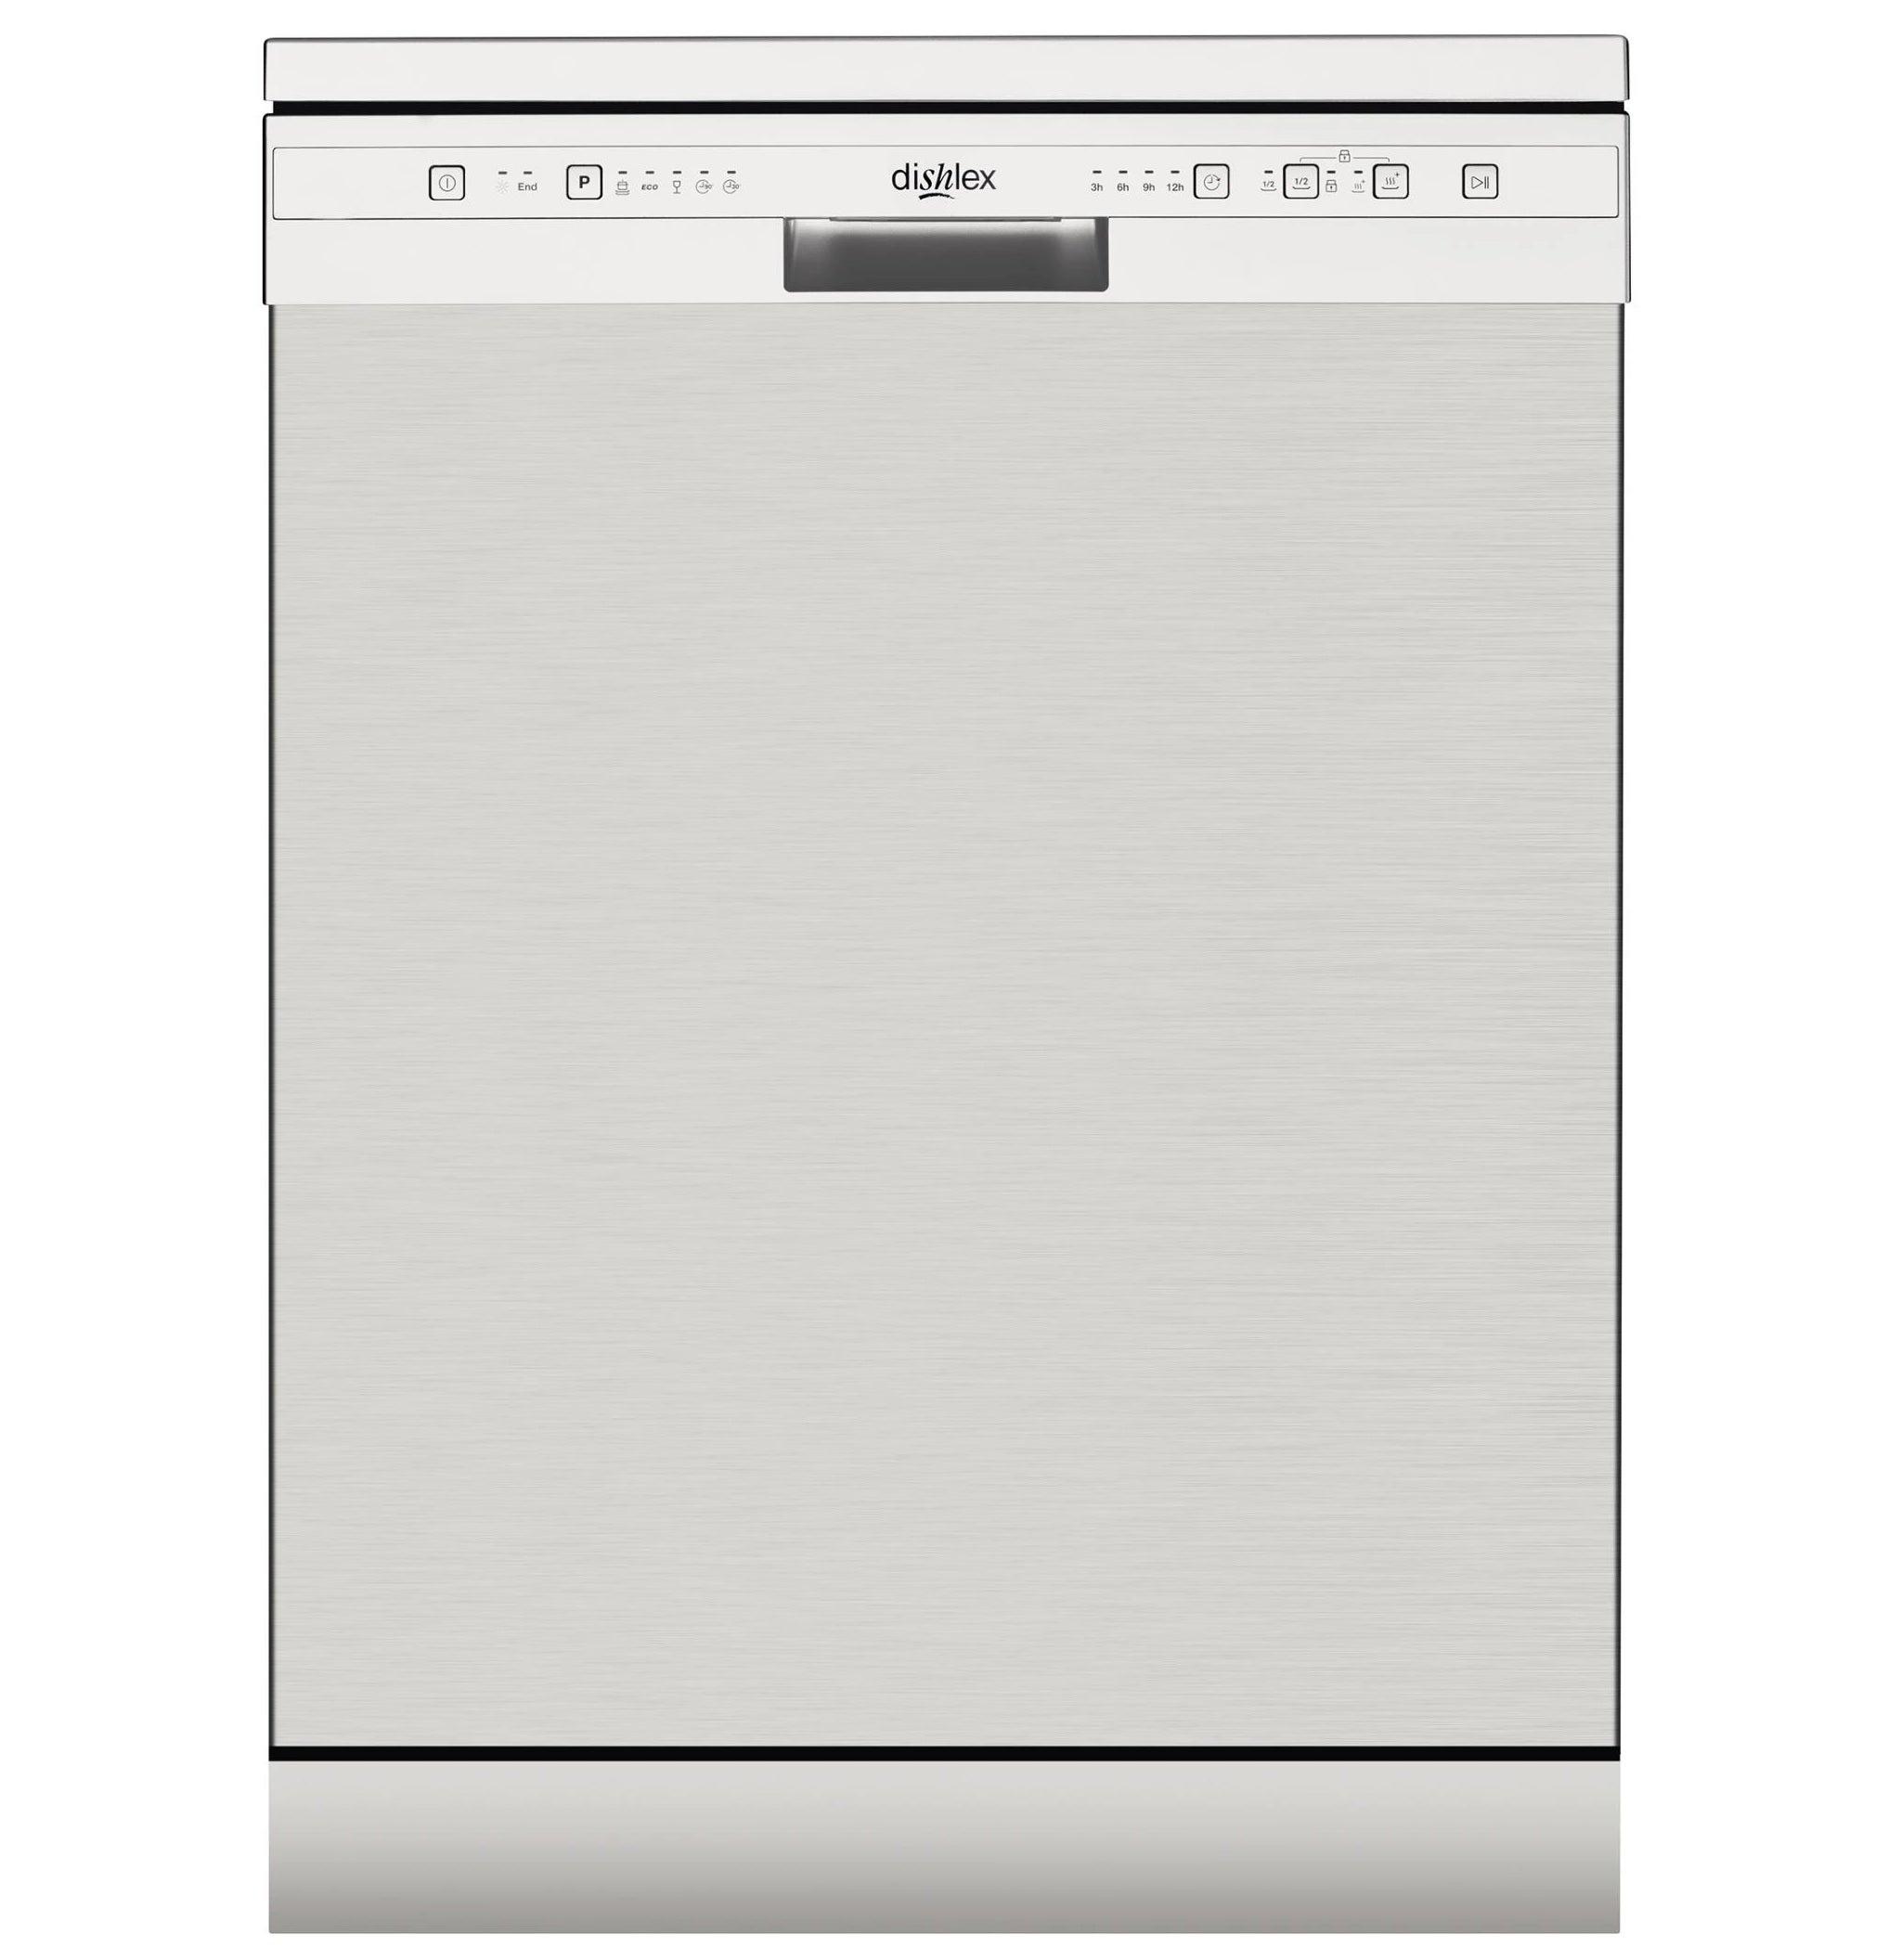 Dishlex DSF6104XA Dishwasher